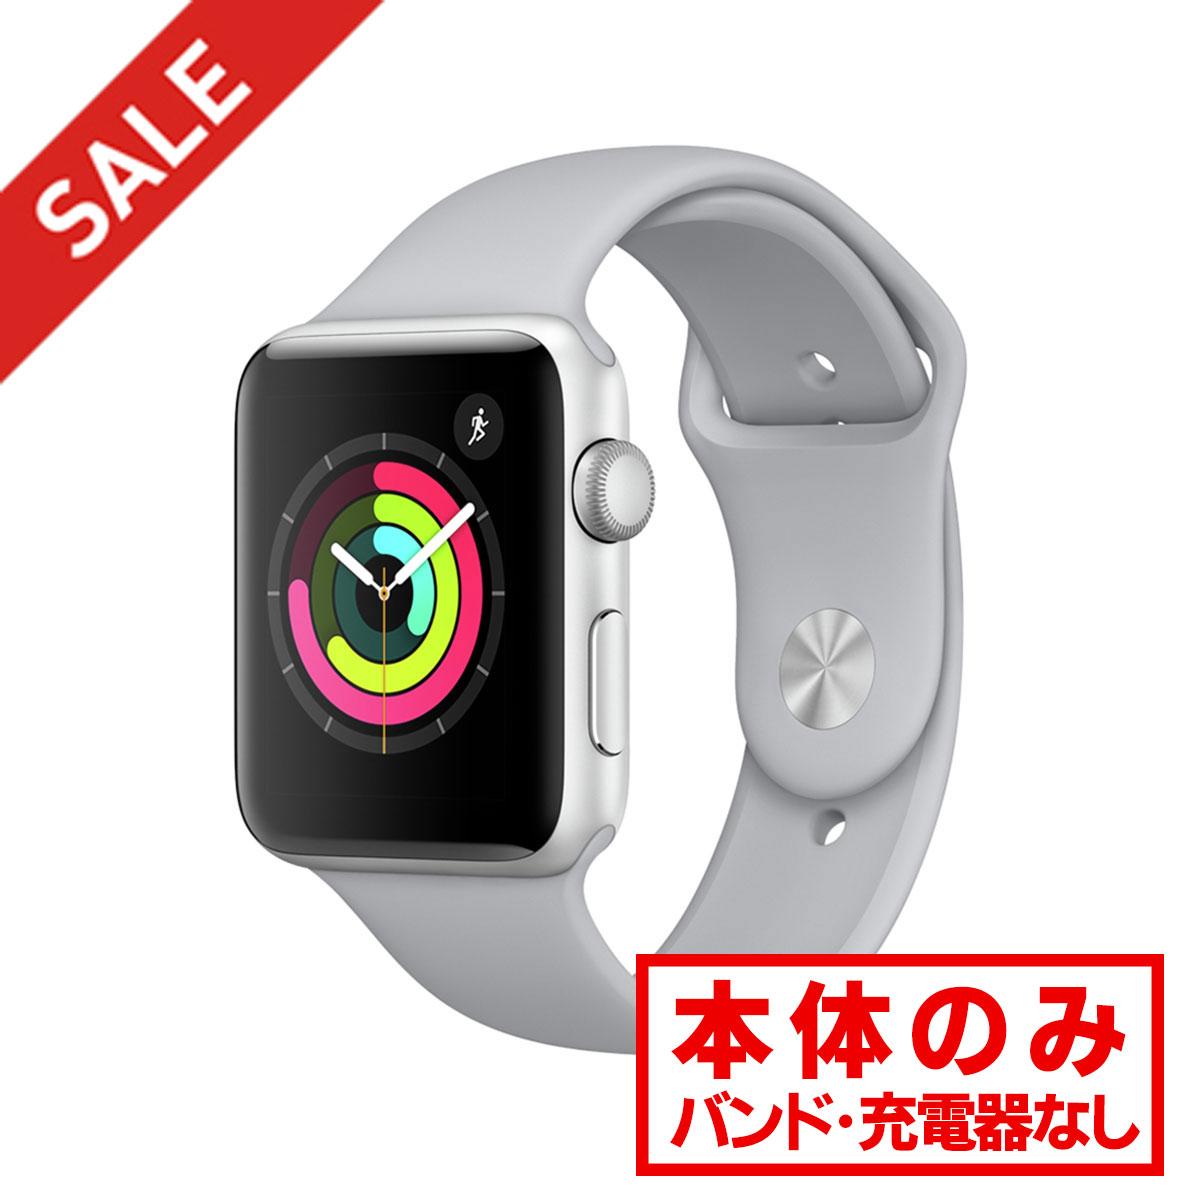 アップルウォッチ 本体 Apple Watch Nike+ Series 3 GPSモデル 38mm アルミニウム [シルバー] MQKX2J/A